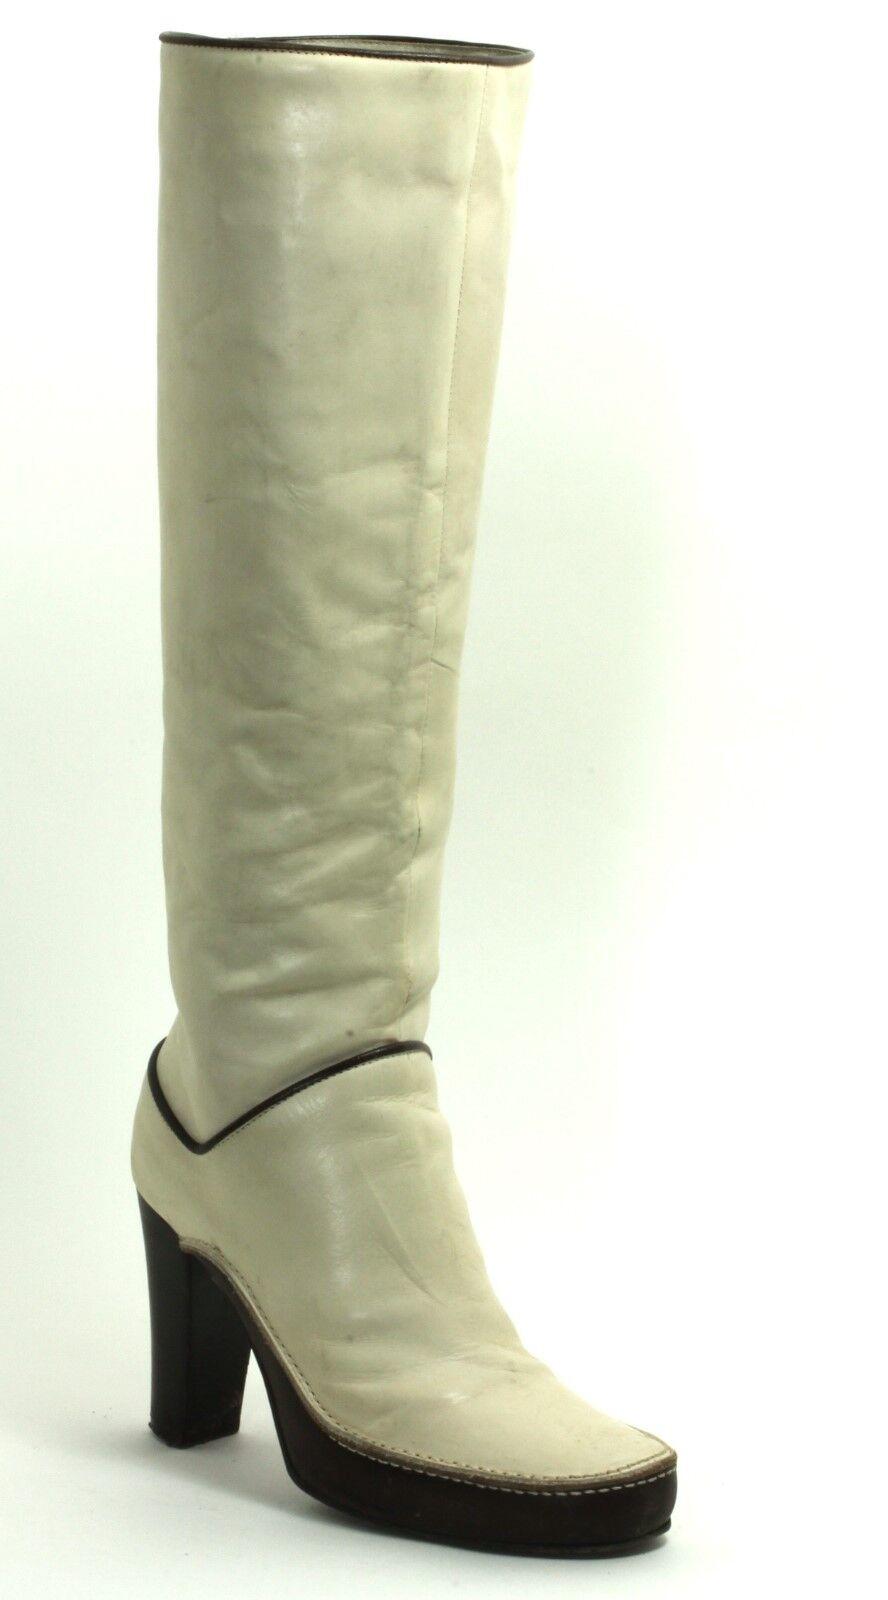 Damenstiefel Vintage Stiefel Creme High Heels Plateau Diesel Creme Stiefel Beige 36 6a0343